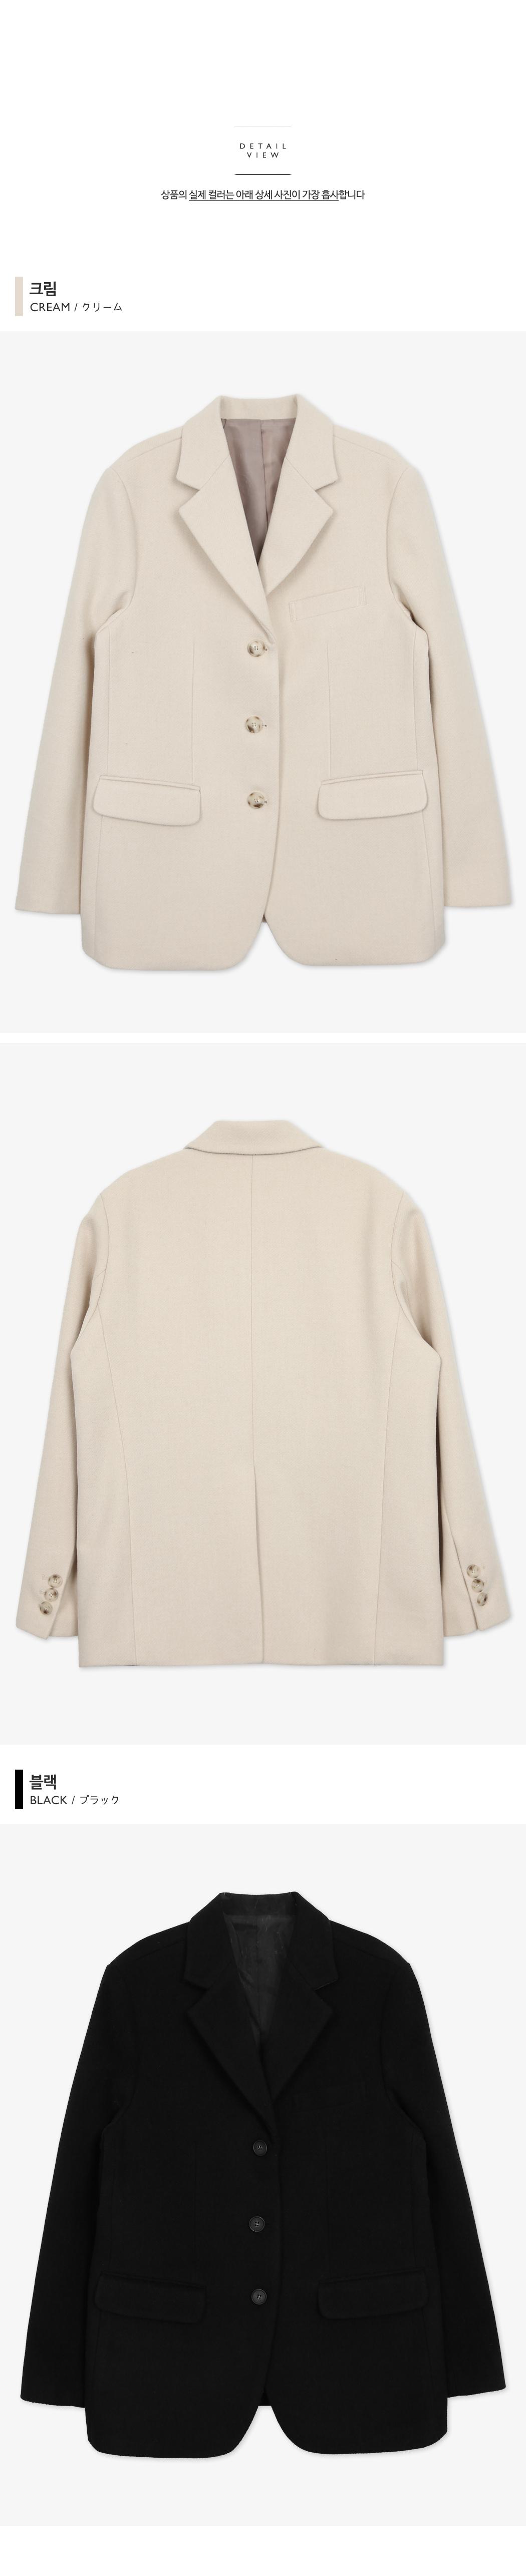 Solid Half Wool Jacket